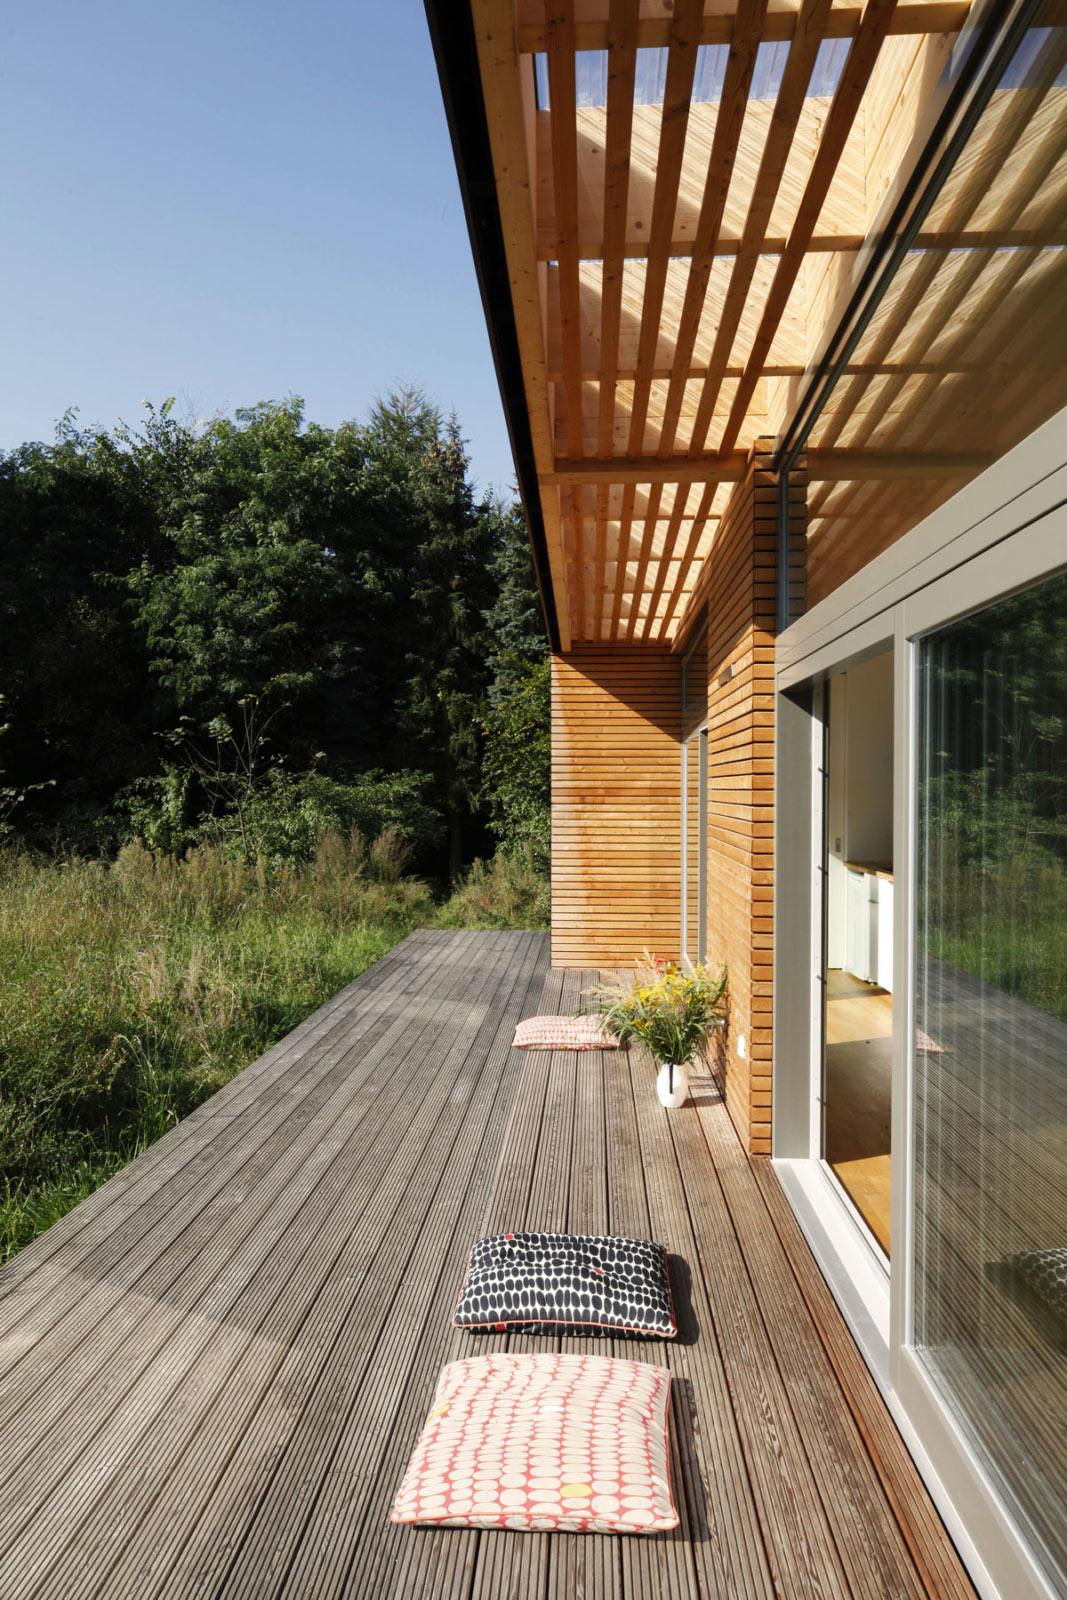 Vorgefertigte Terrasse mit Sitzmöglichkeit in Holzbauweise